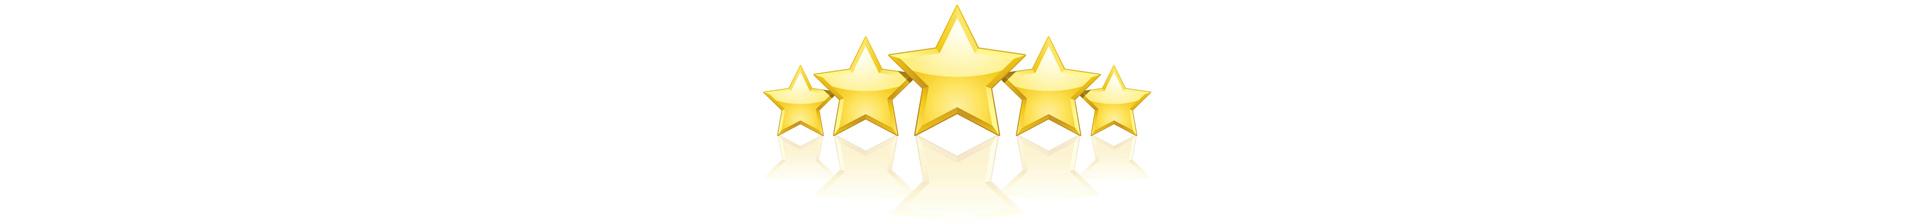 Lemon Import : avis clients 5 étoiles